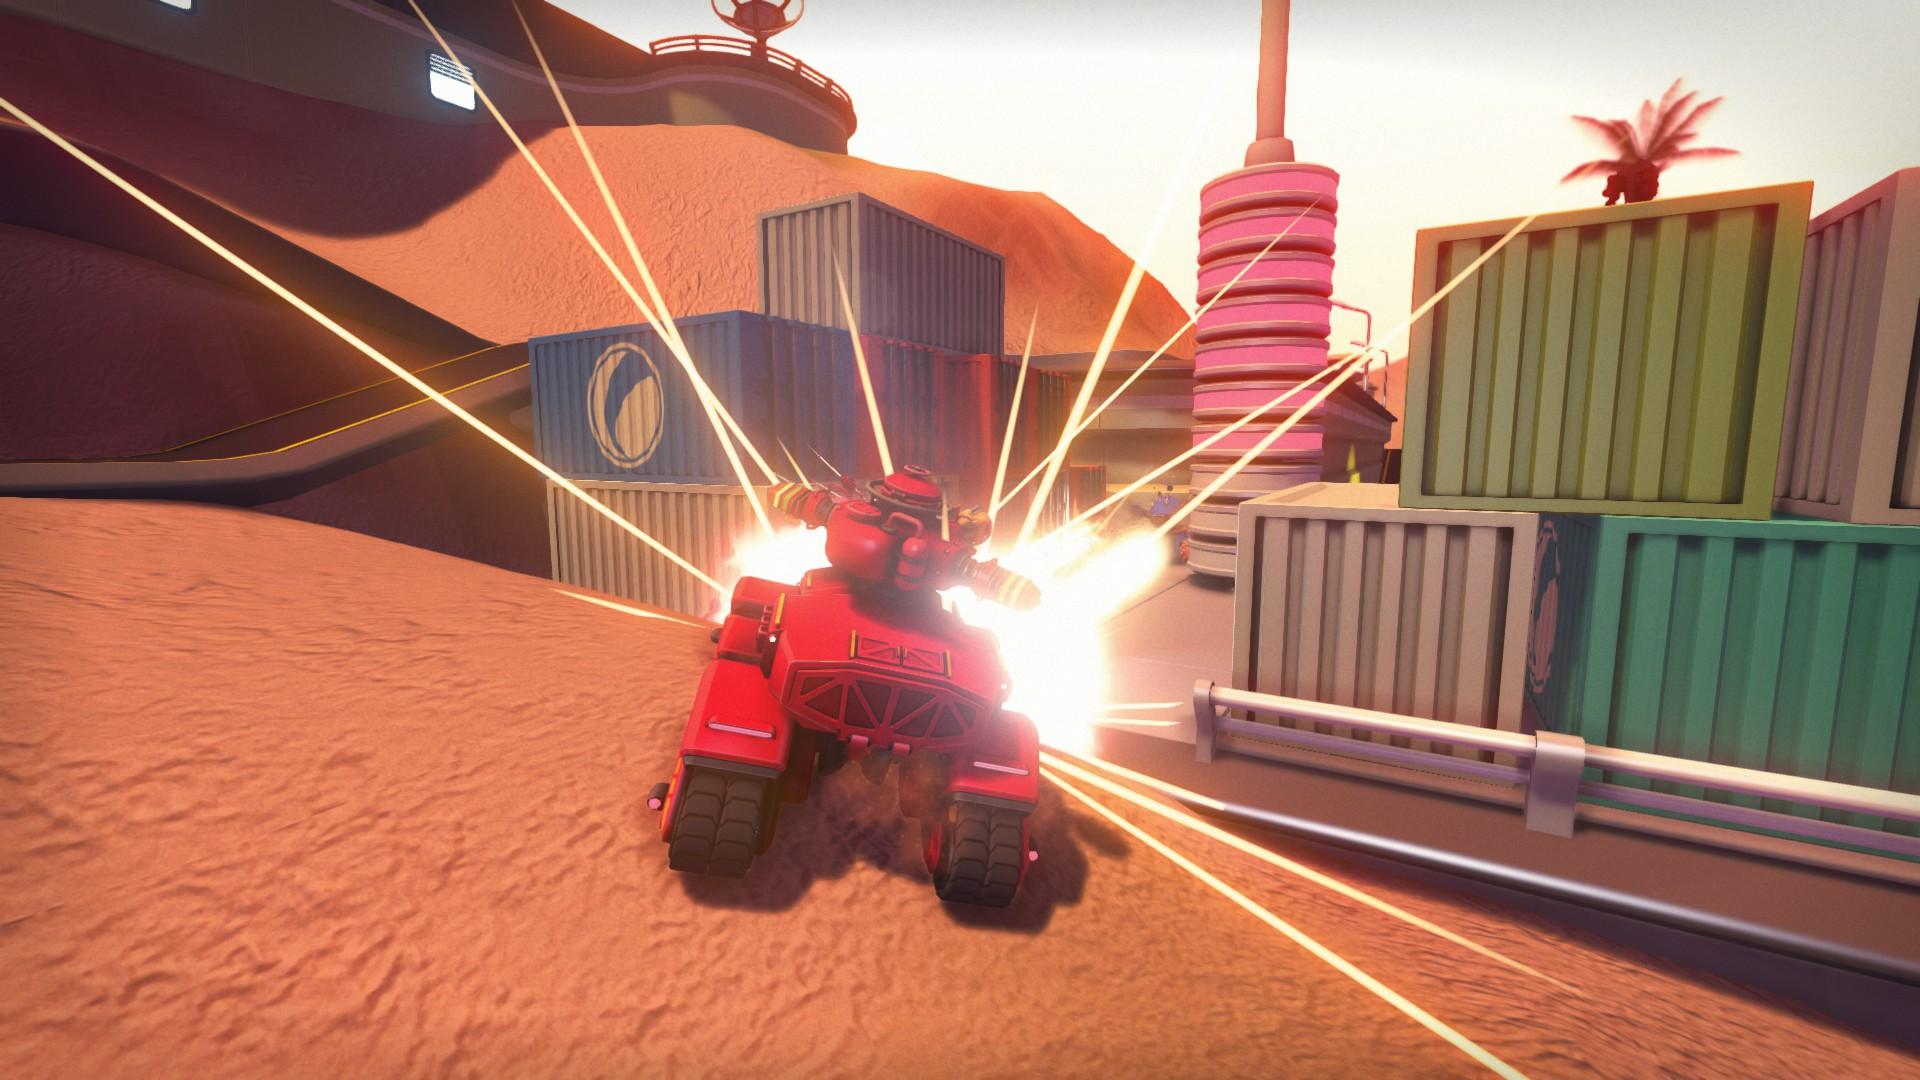 翻滚坦克 游戏画面